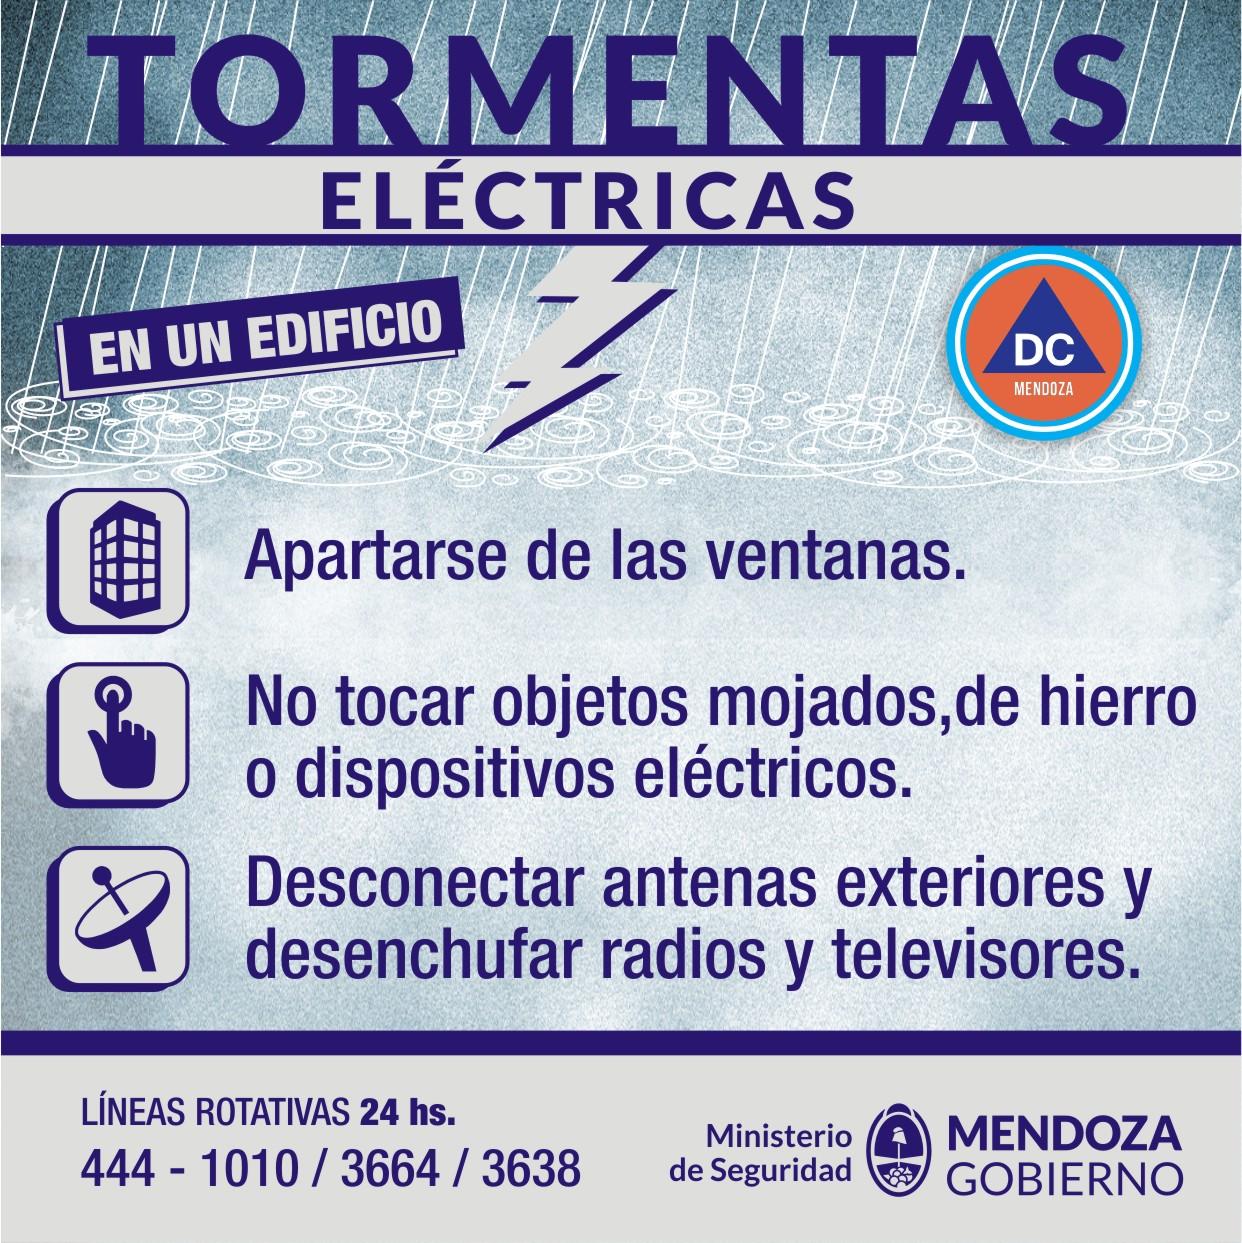 Tormentas_electricas-3